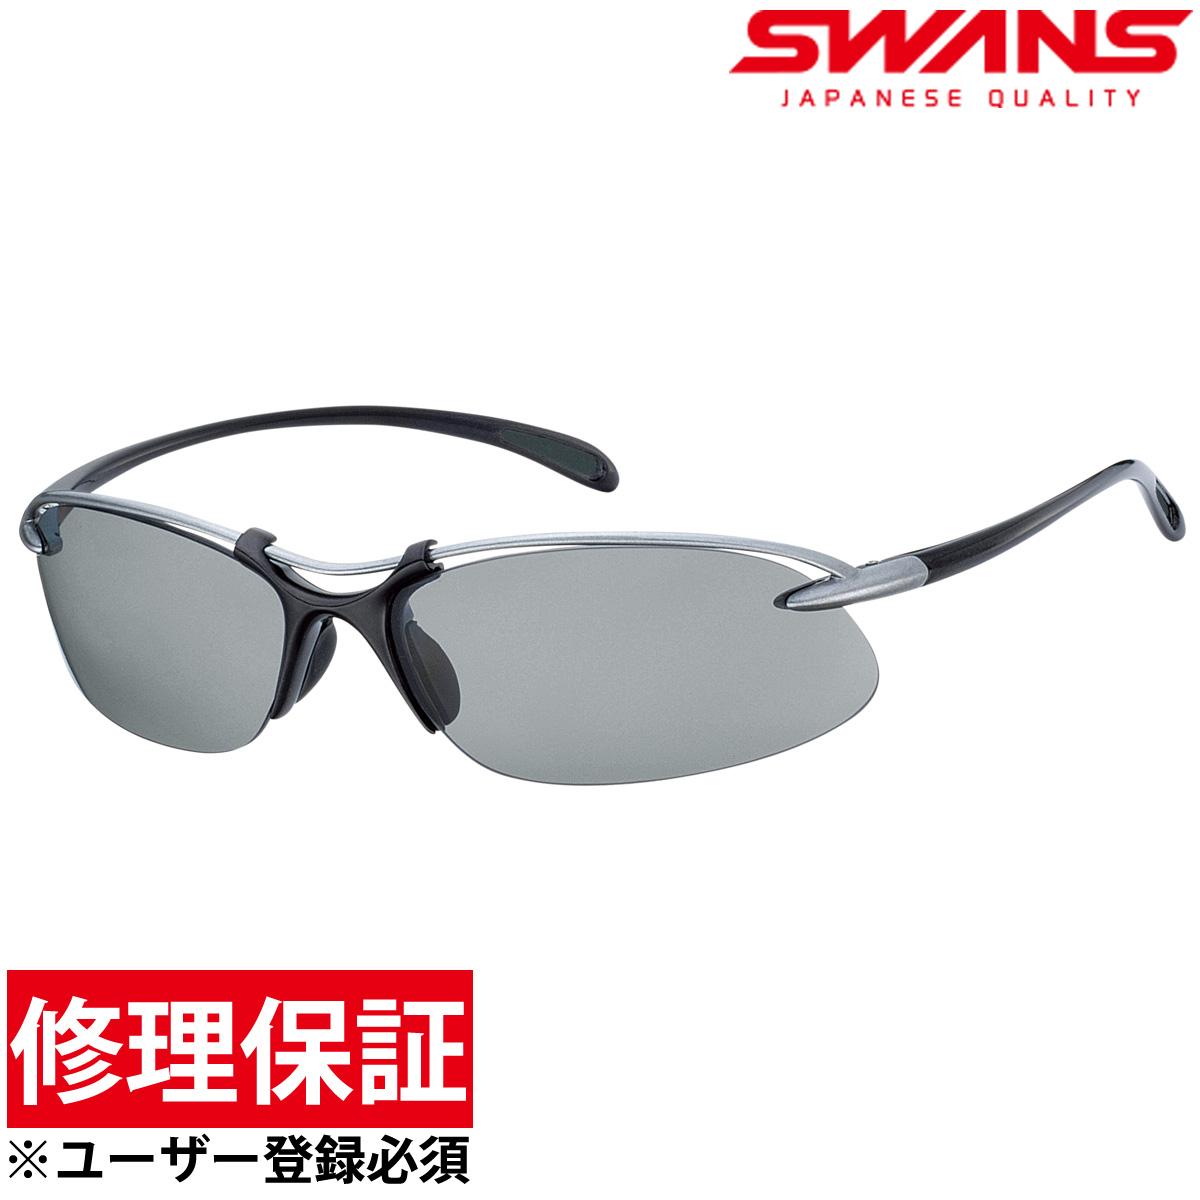 偏光サングラス エアレスウェイブ SA-501 スポーツサングラス ゴルフ UV カット SWANS スワンズ メンズ レディース SWANS スワンズ